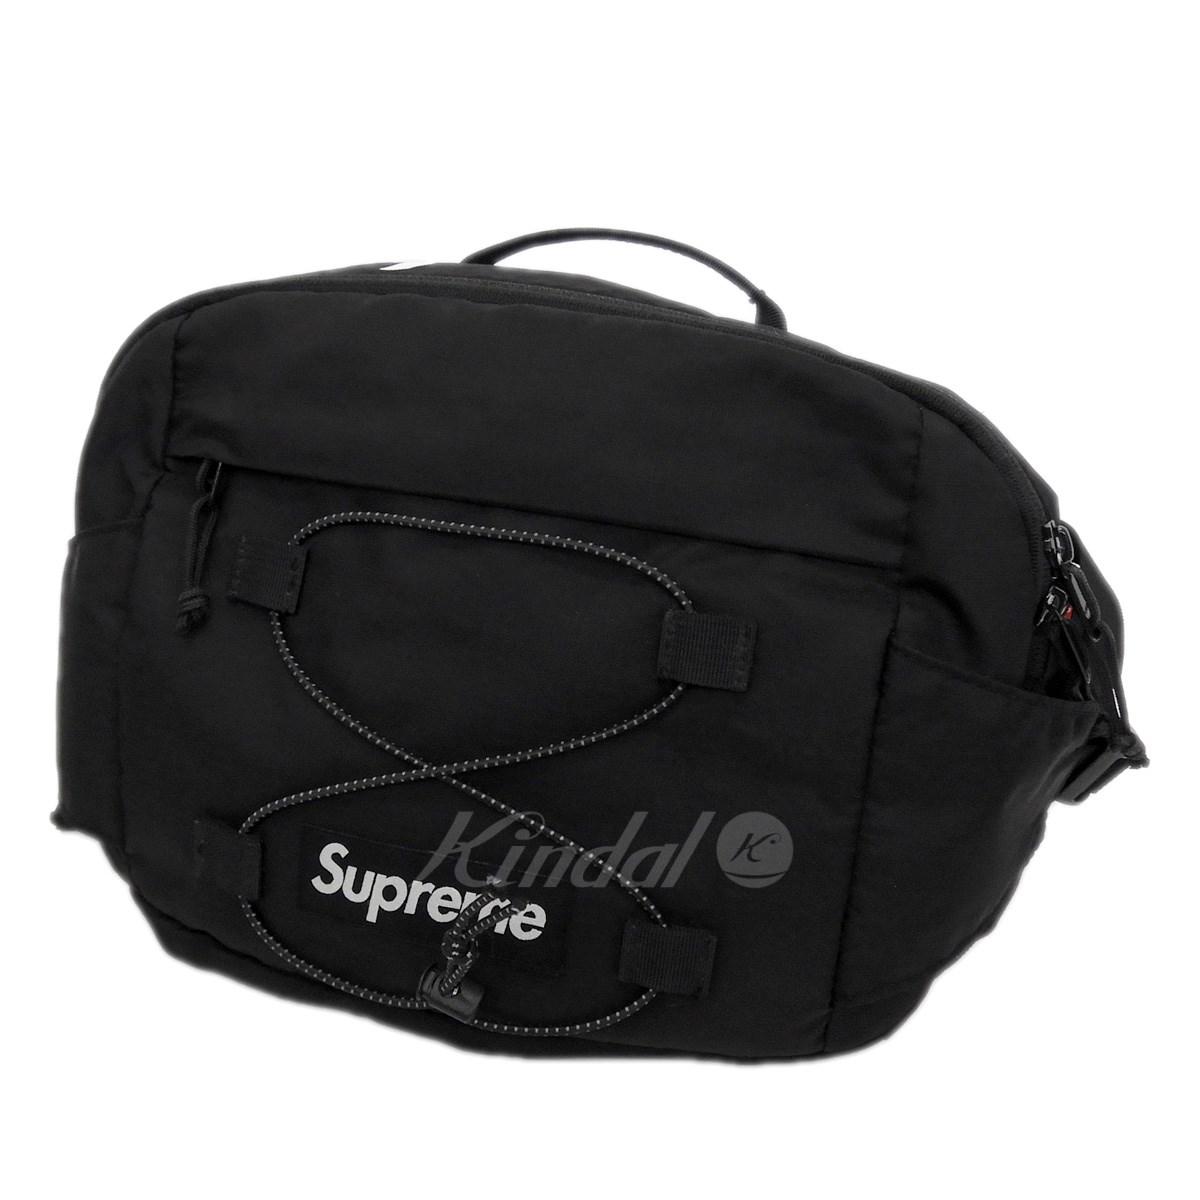 【中古】SUPREME 2017SS 「Waist Bag」ウエストバッグ ブラック サイズ:- 【送料無料】 【251018】(シュプリーム)